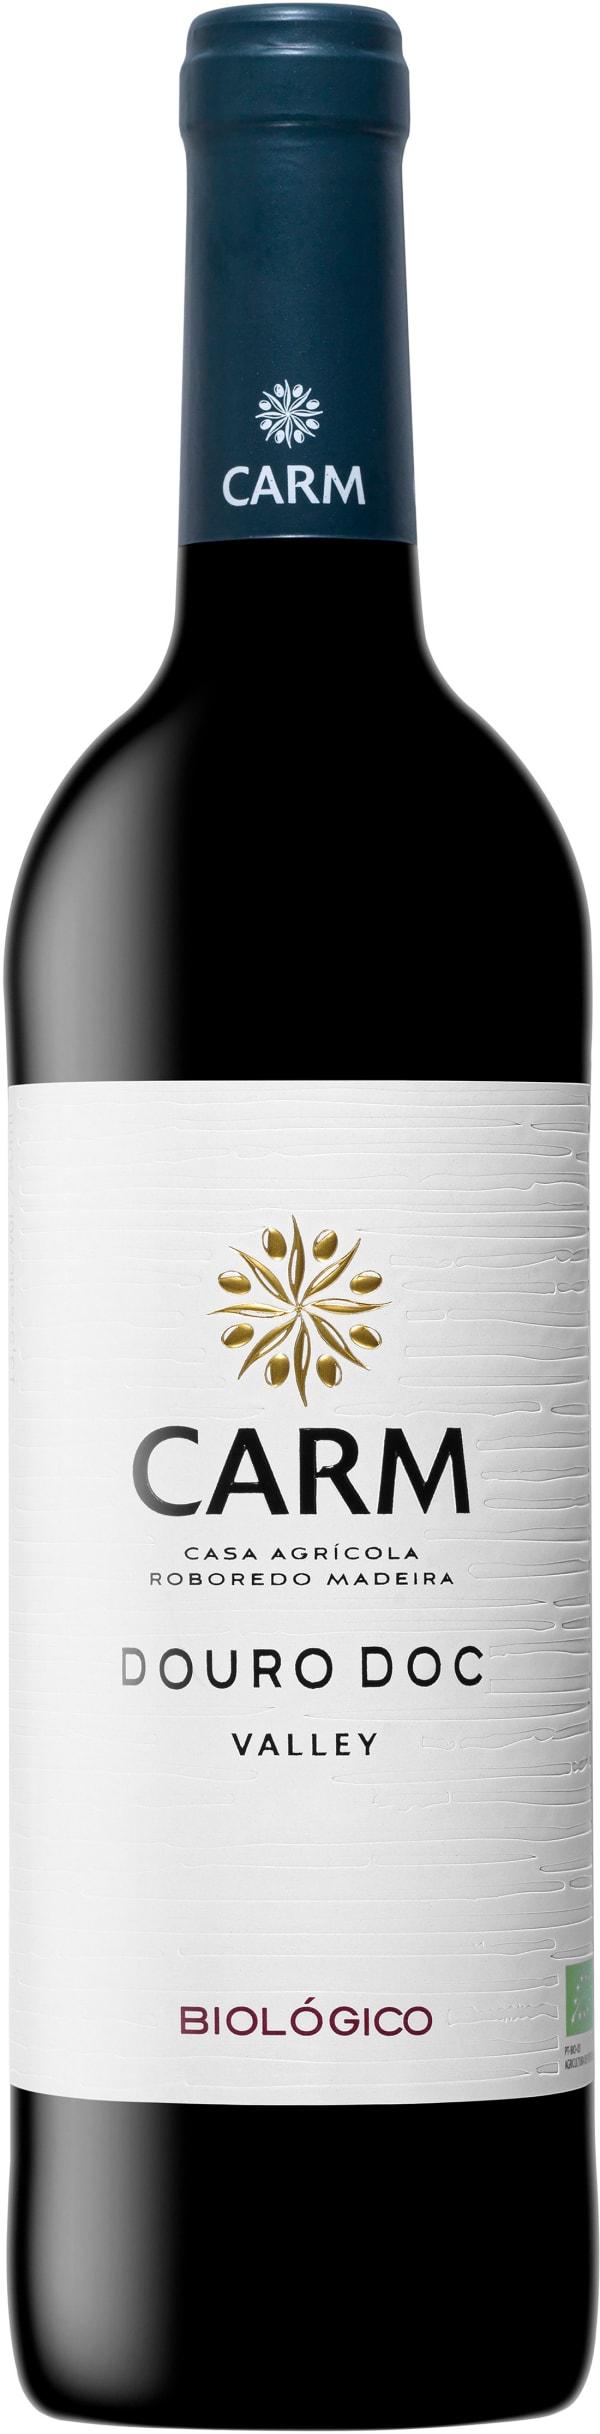 Carm 2017